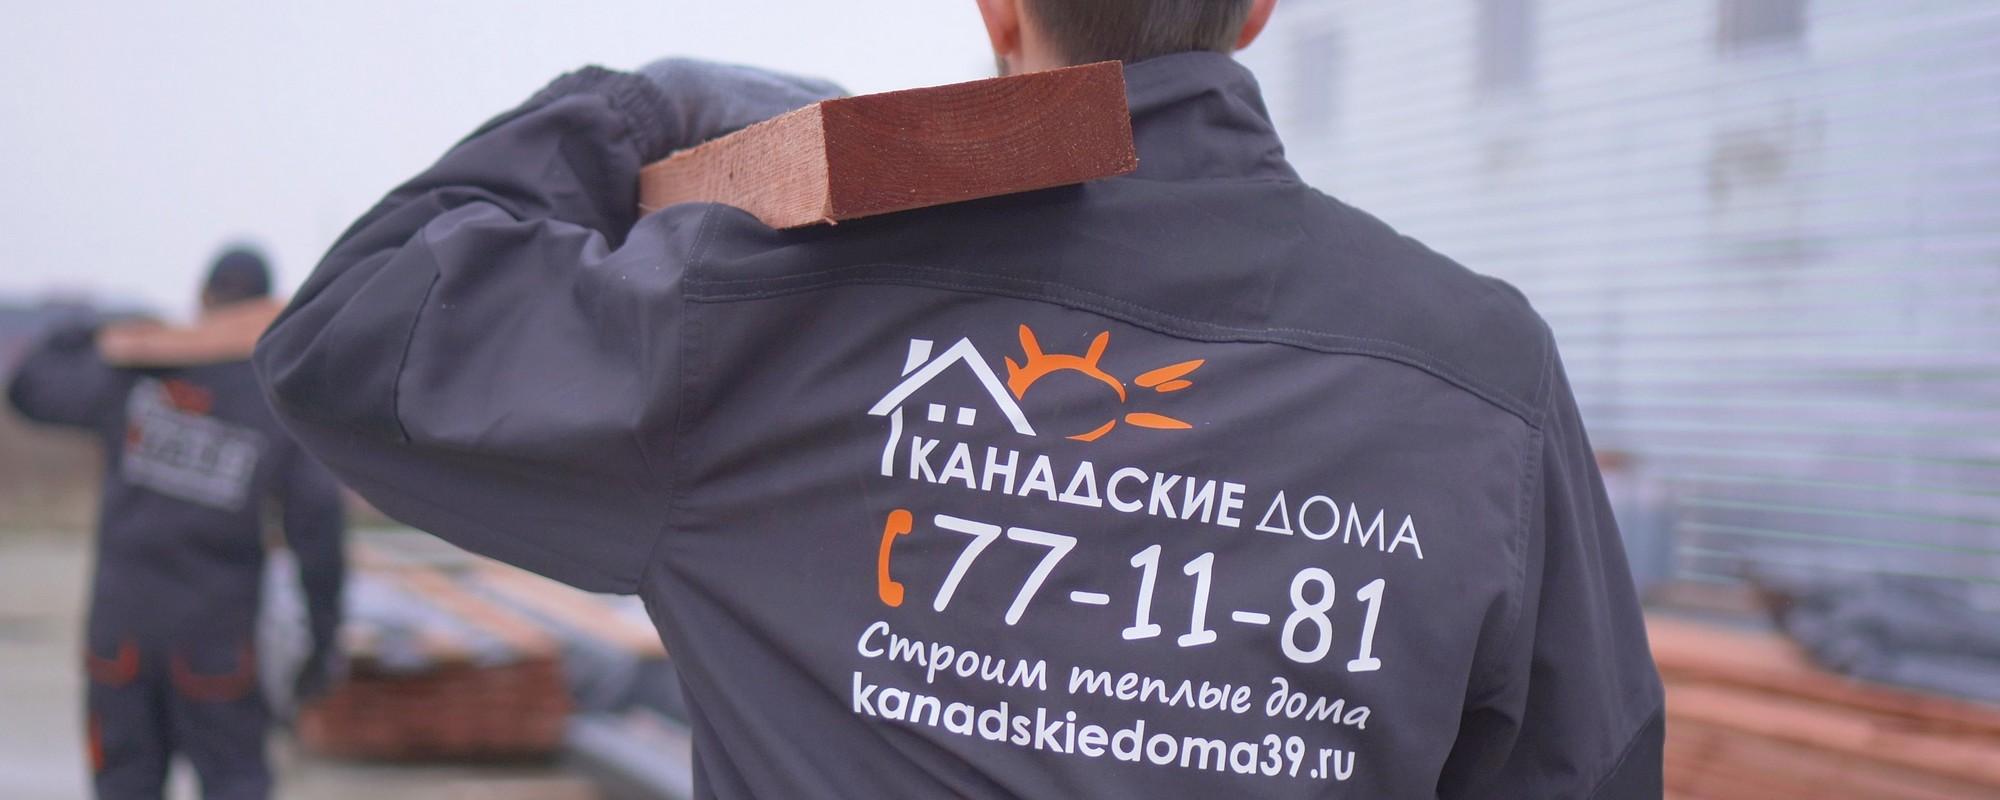 Строим теплые дома